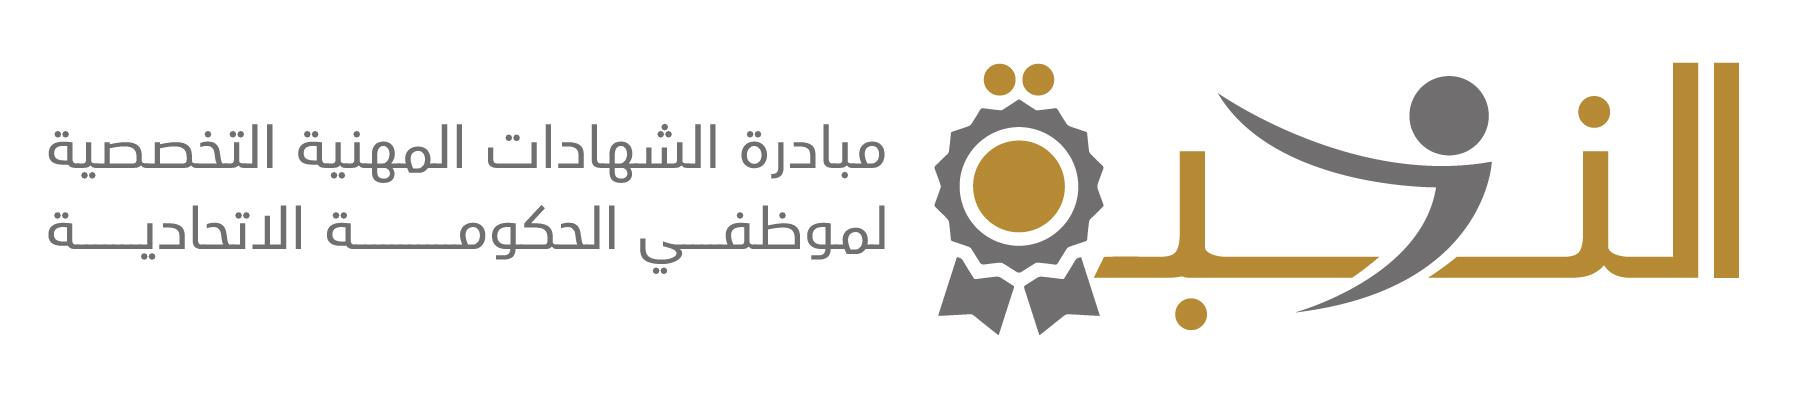 شعار النخبة